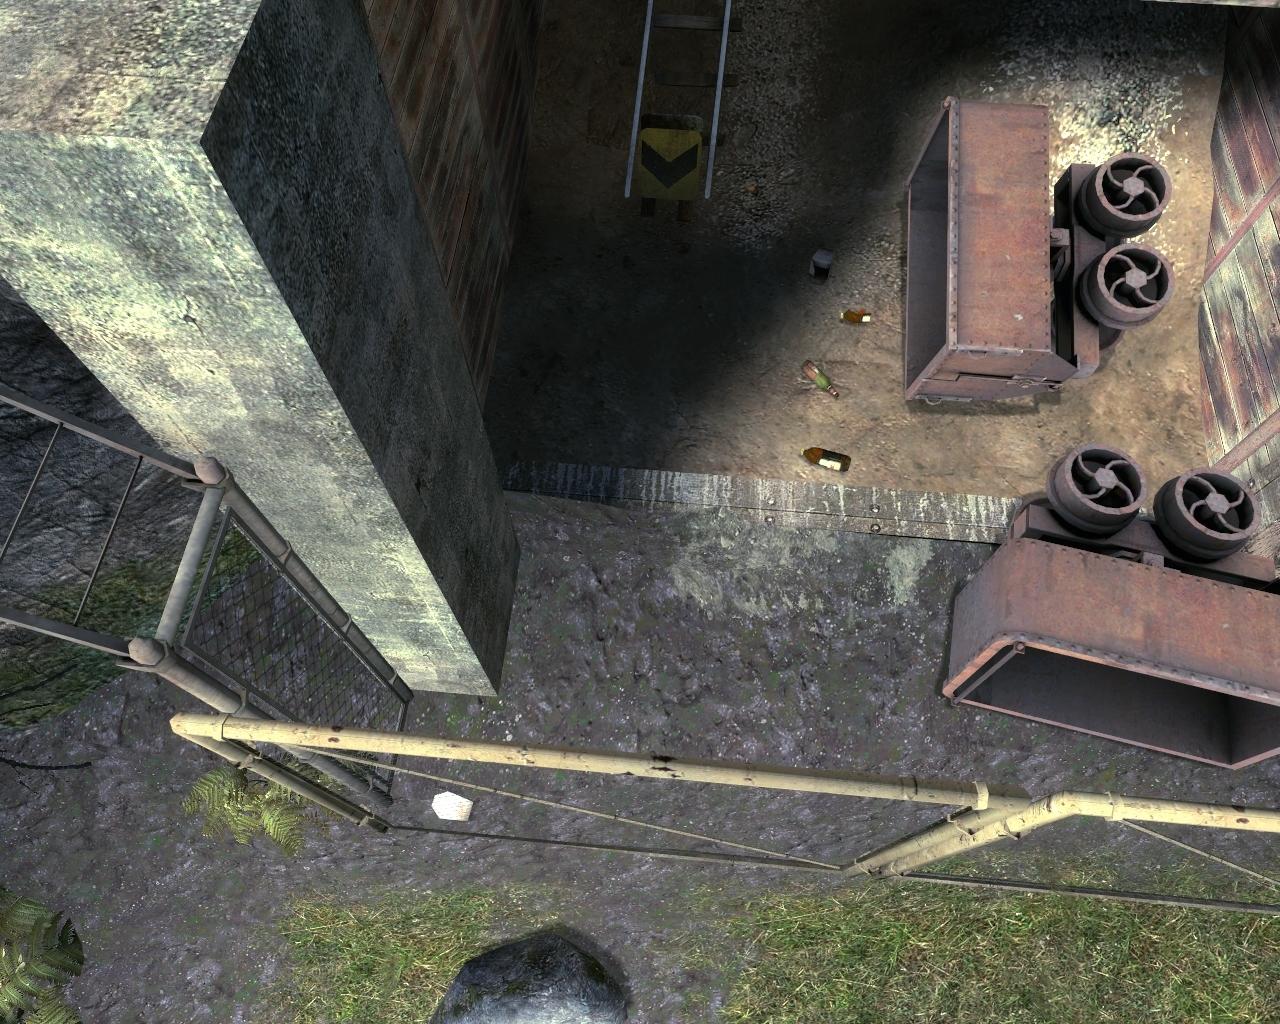 ep2_outland_010059.jpg - Half-Life 2